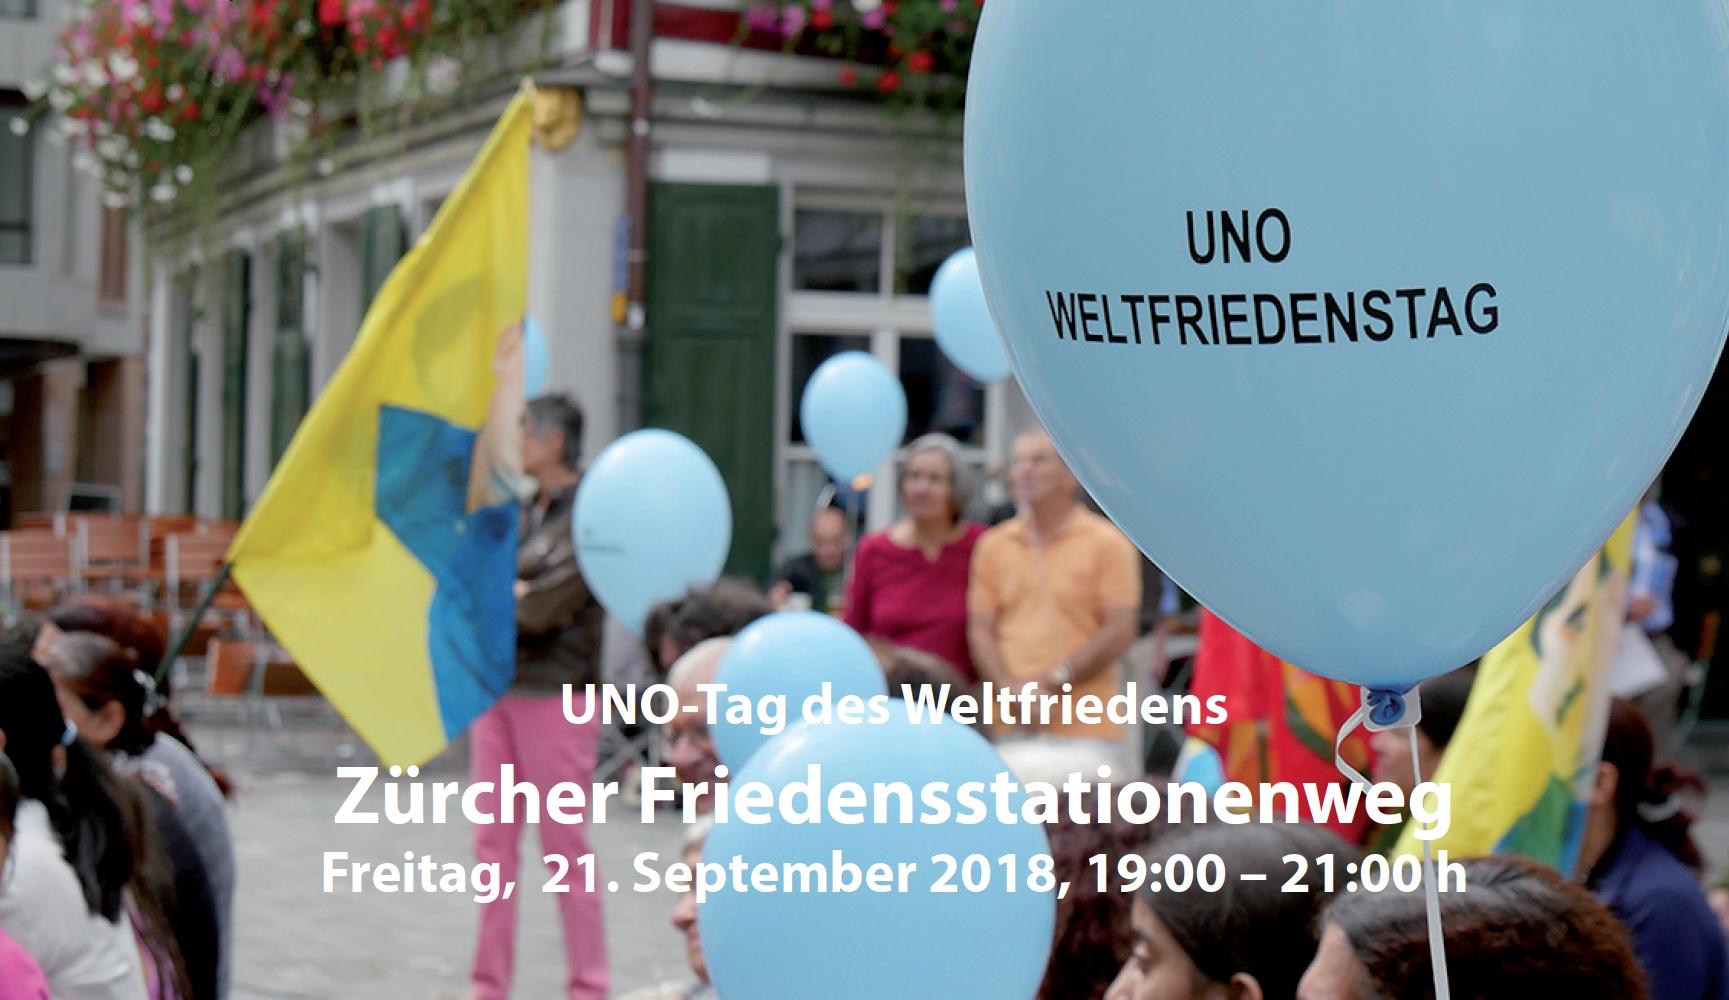 Der UNO Weltfriedenstag in Zürich am Freitag, 21. September 2018